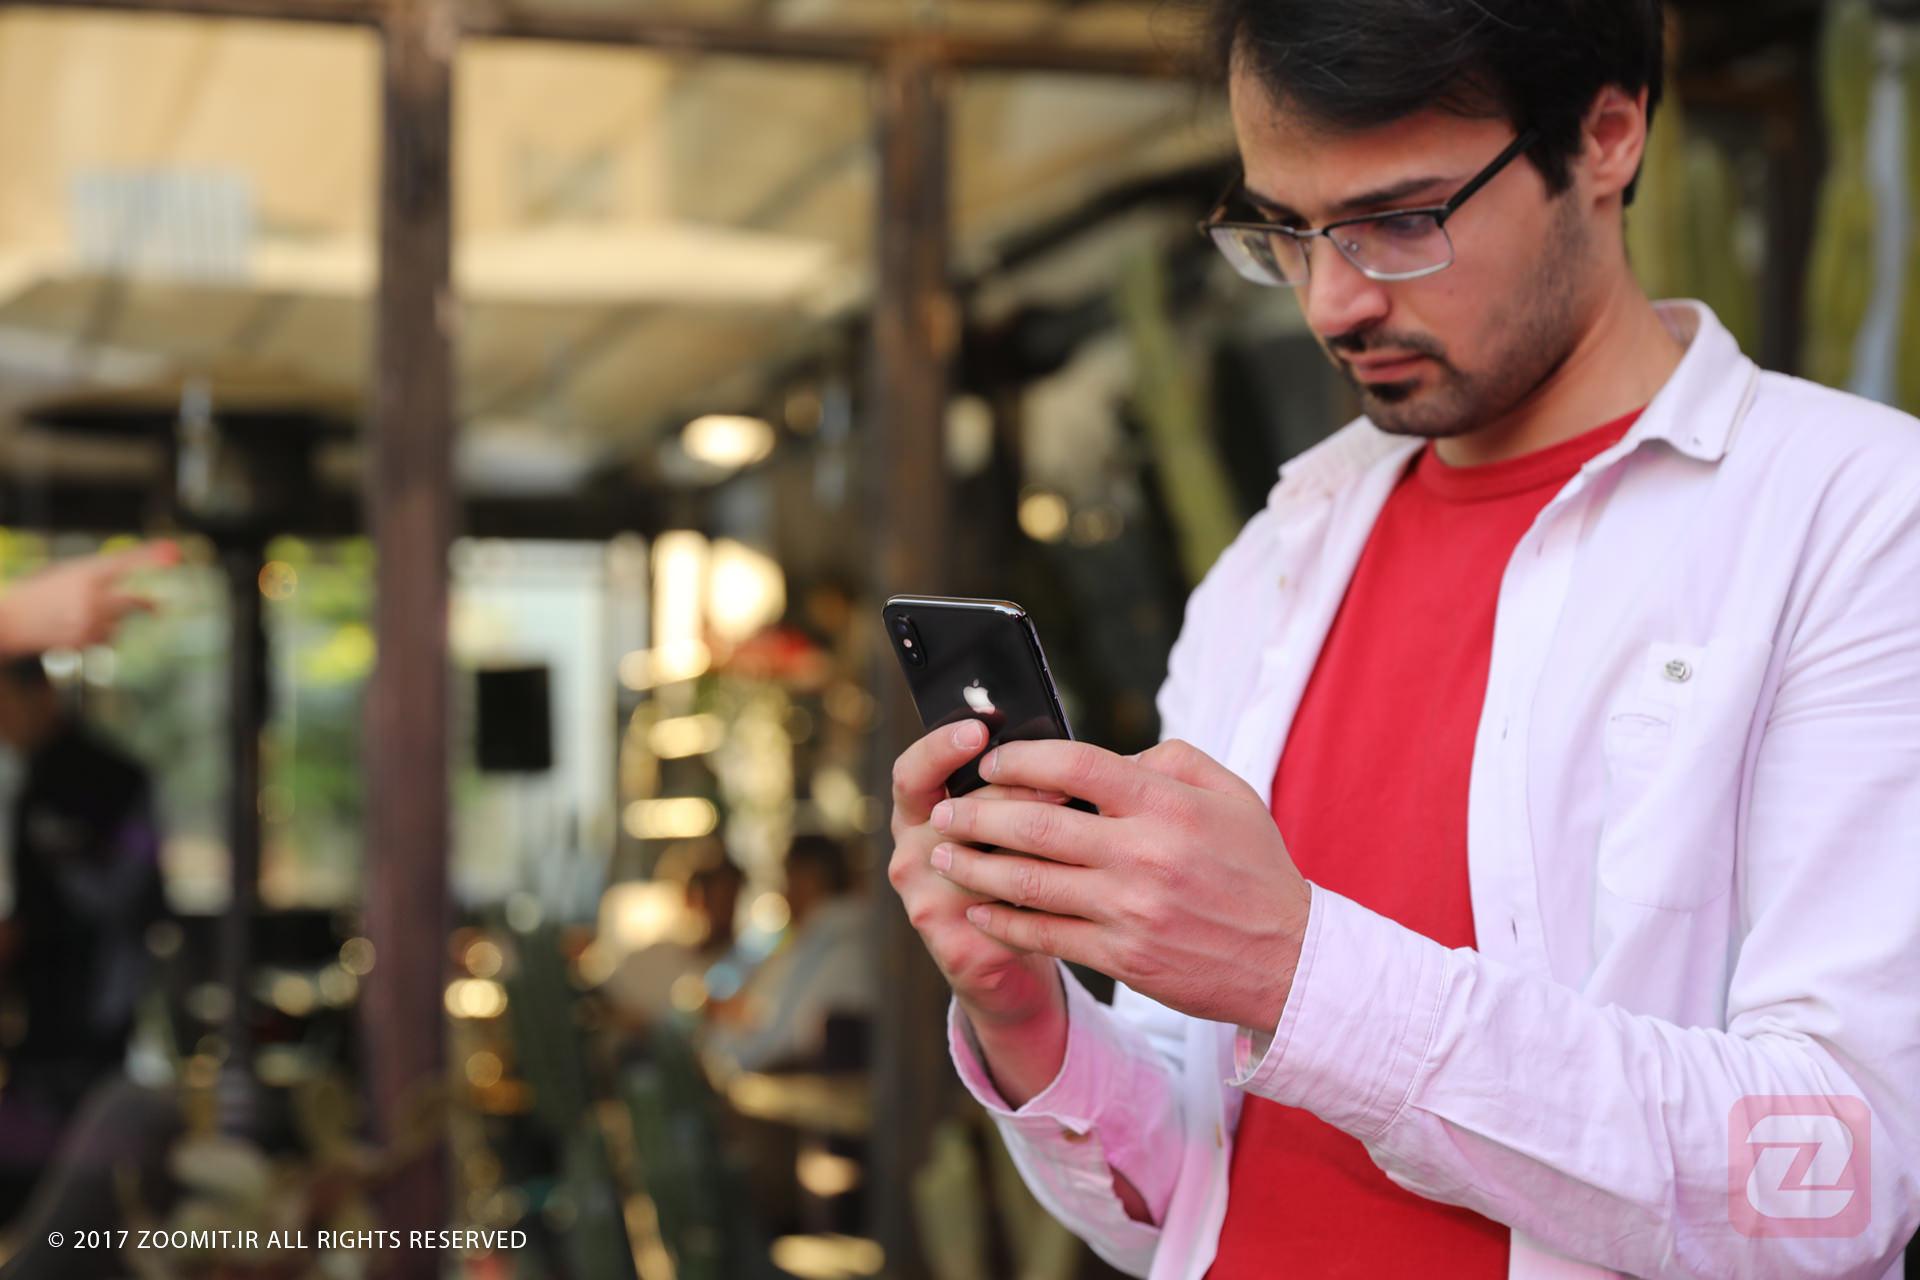 آیا قیمت گوشی با بسته جدید ارزی کاهش مییابد